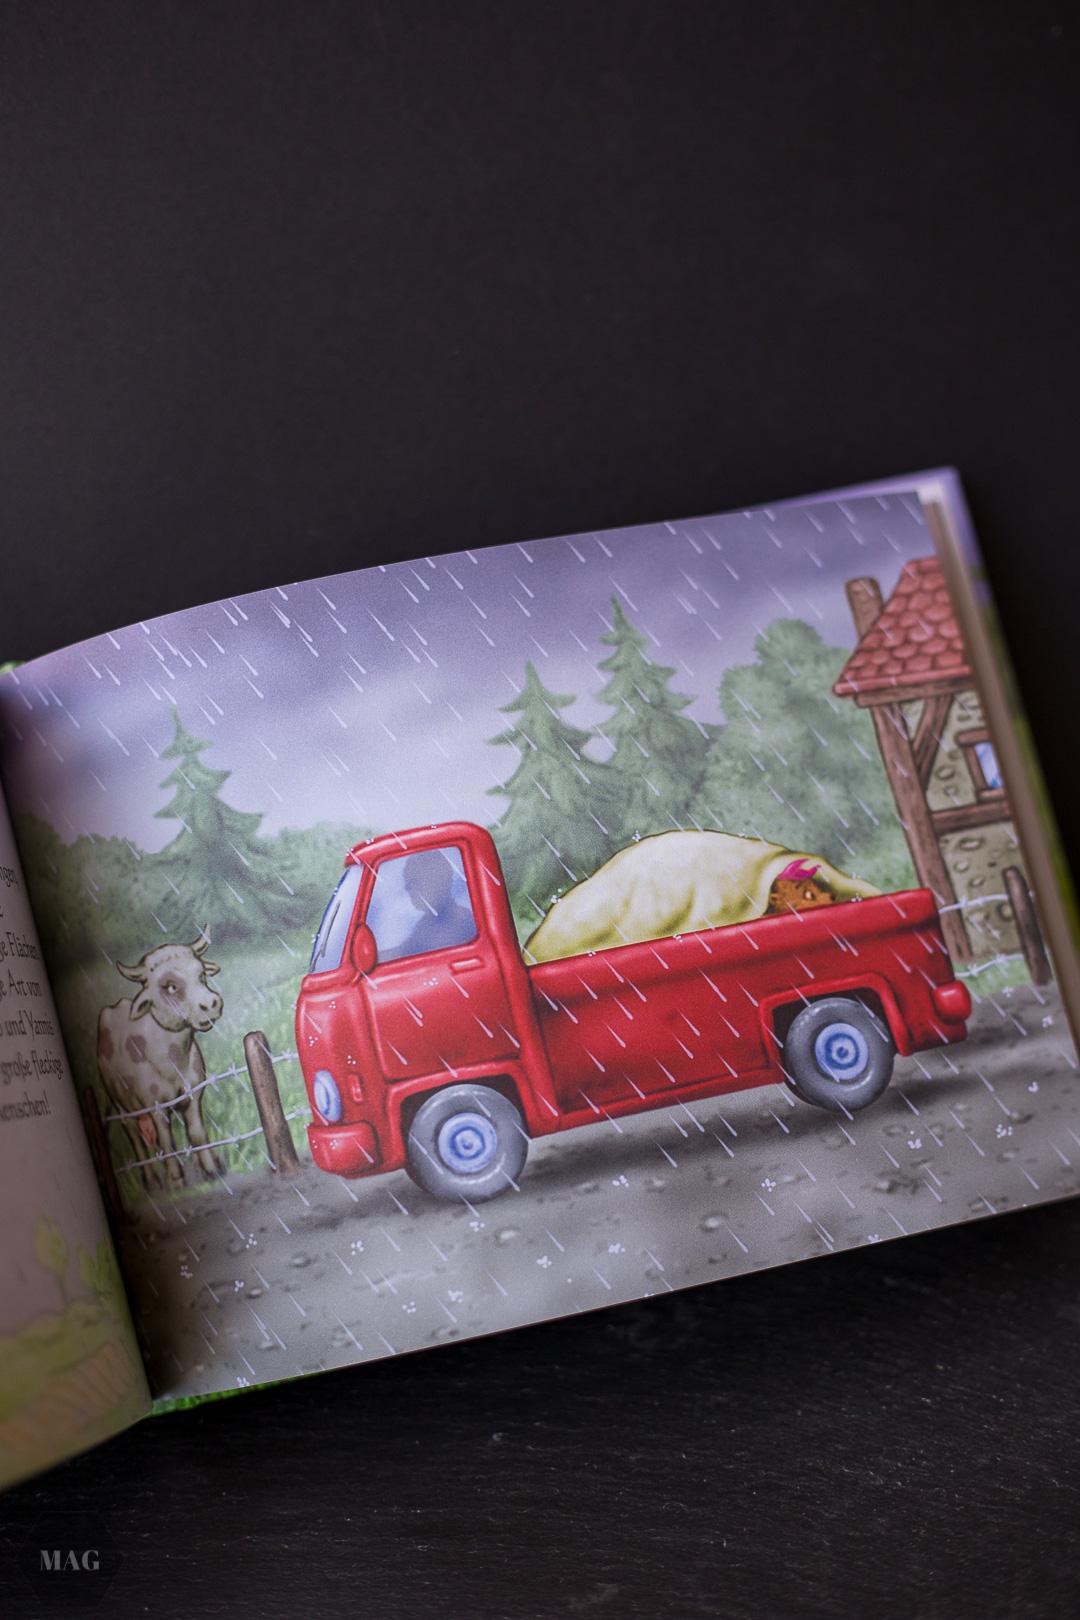 wuschelgeschichten, Wuschel-Geschichten, Noch mehr Wuschel-Geschichten, vegane Kinderbücher, veganer Bär, vegane Kindergeschichten, vegane Gutenachgeschichten, Kinderbücher für Veganer